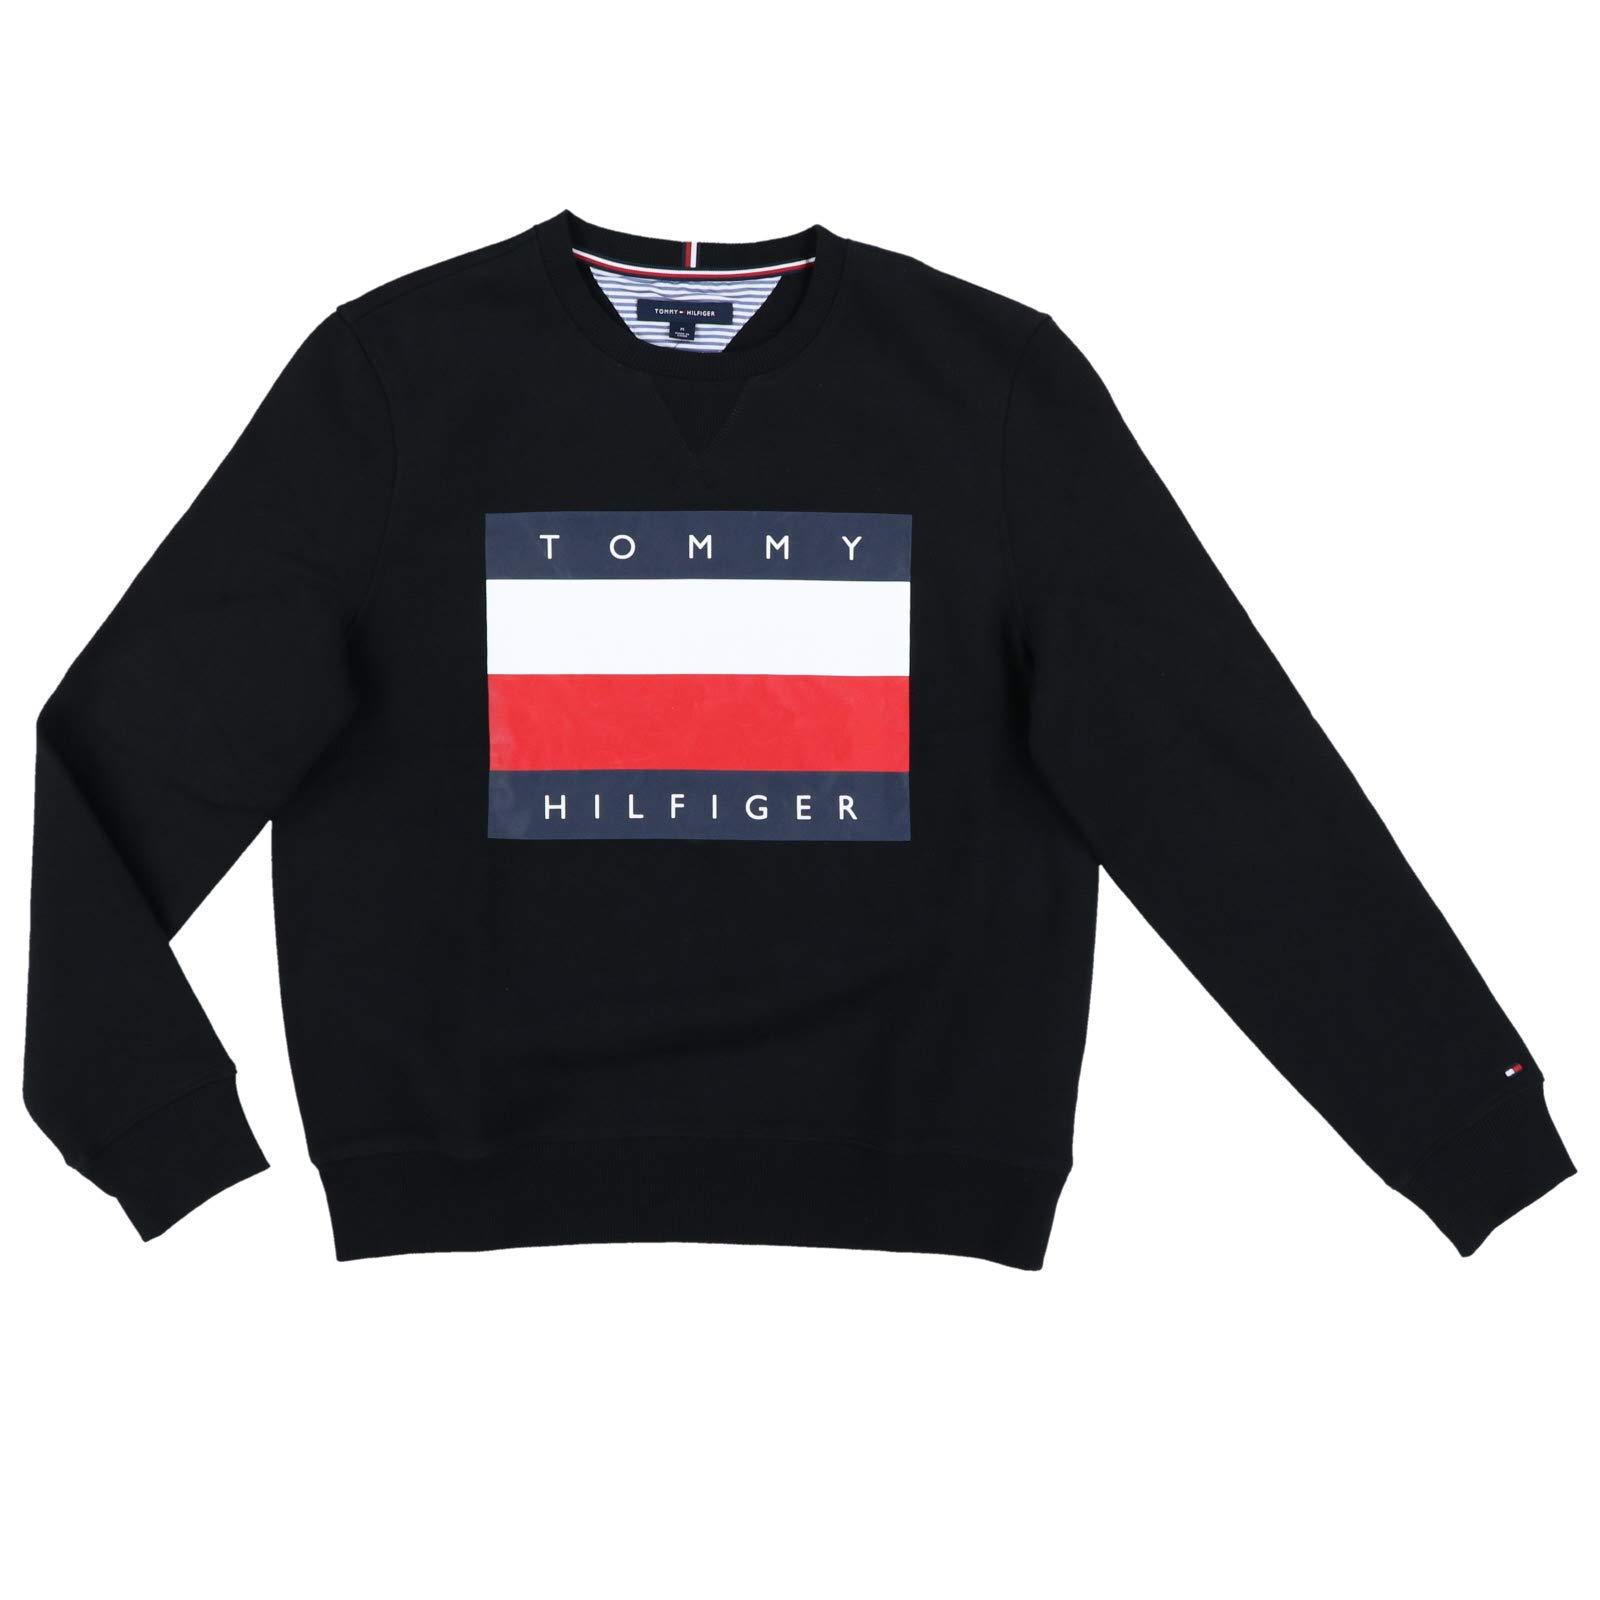 Tommy Hilfiger Mens Pullover Big Flag Sweater (Large, Black)